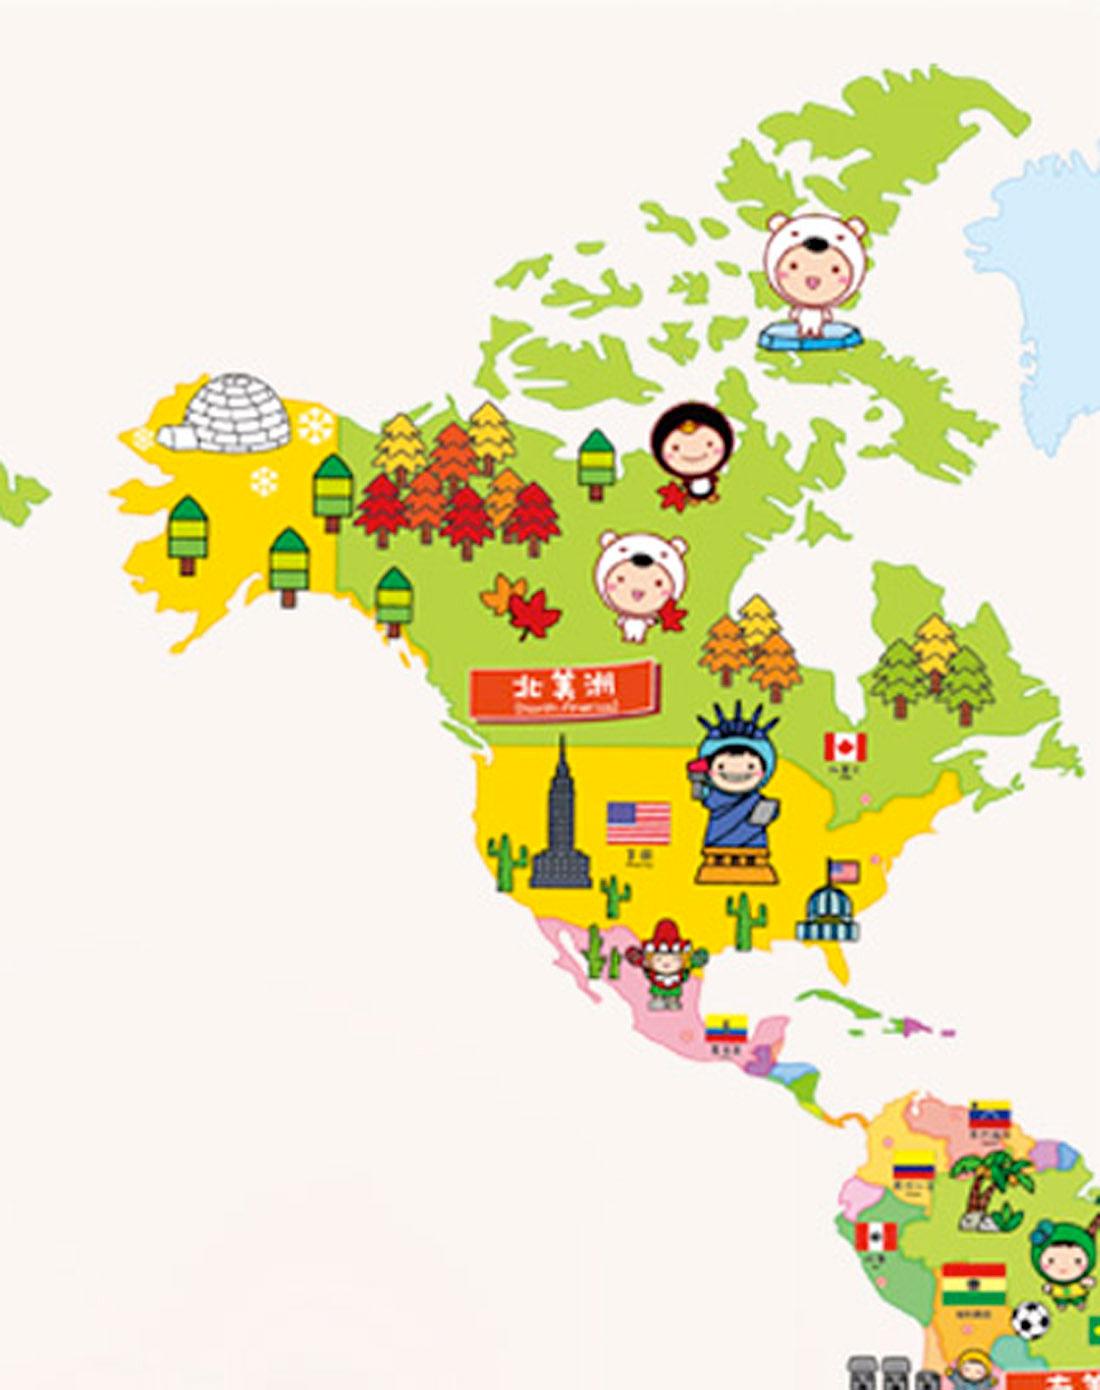 童趣世界地图墙贴